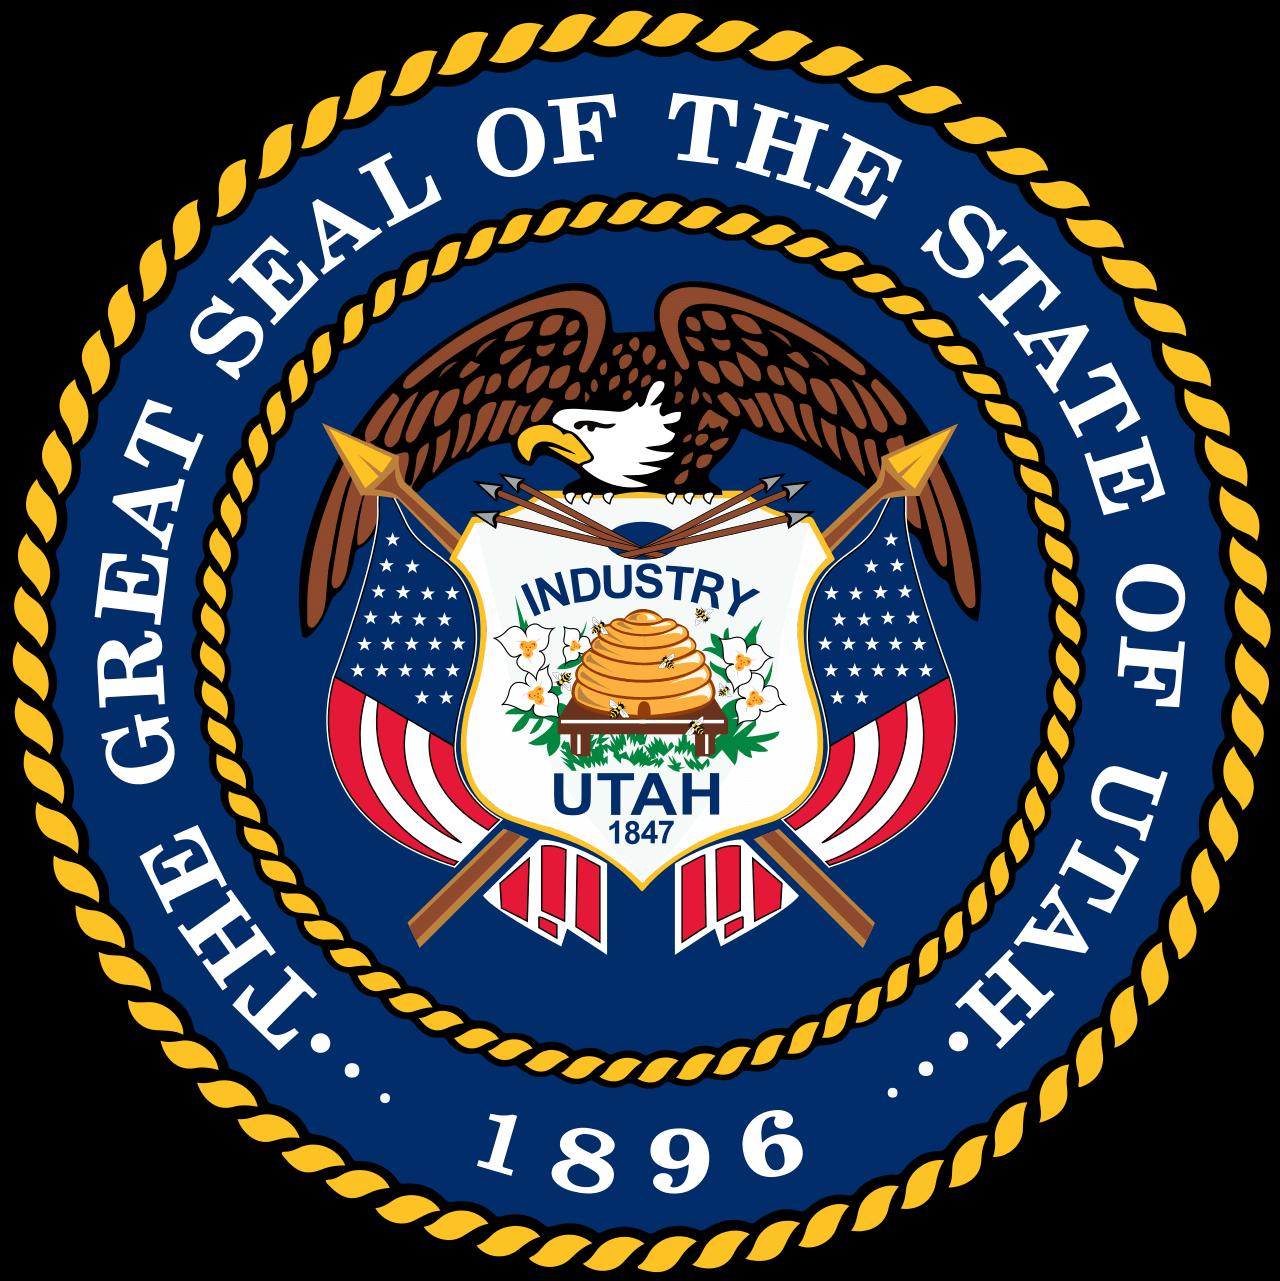 Utah state seal